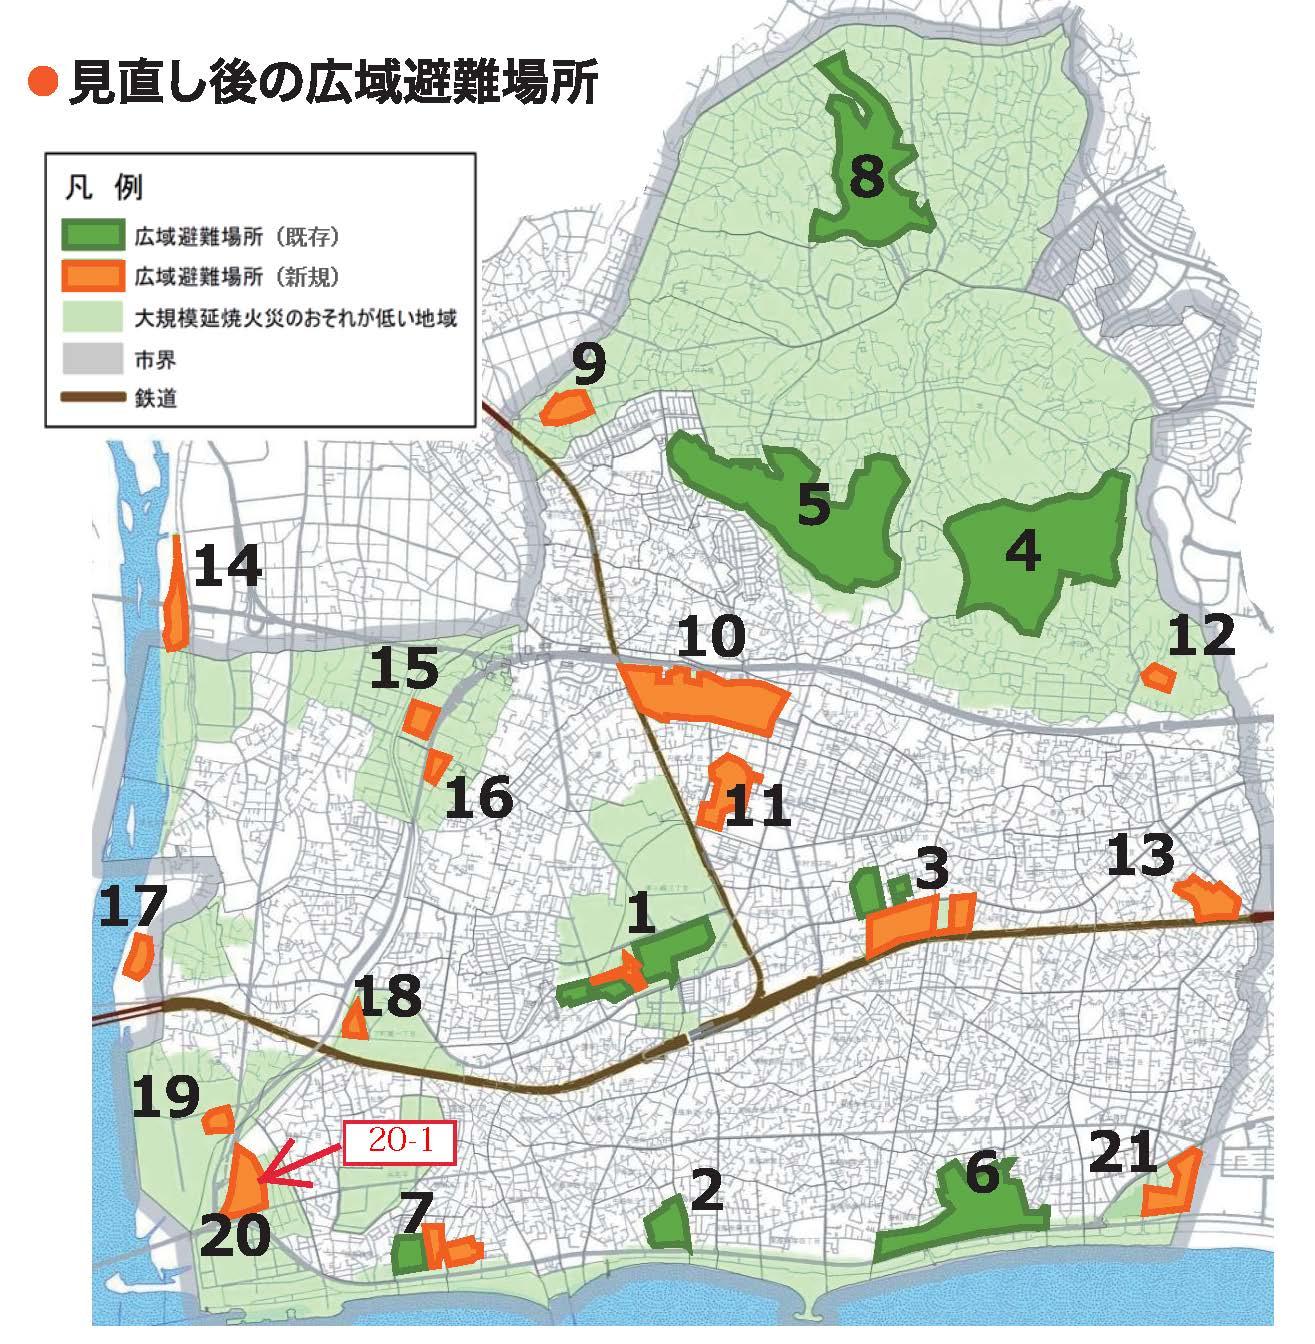 20-1.広域避難場所_茅ヶ崎市地図